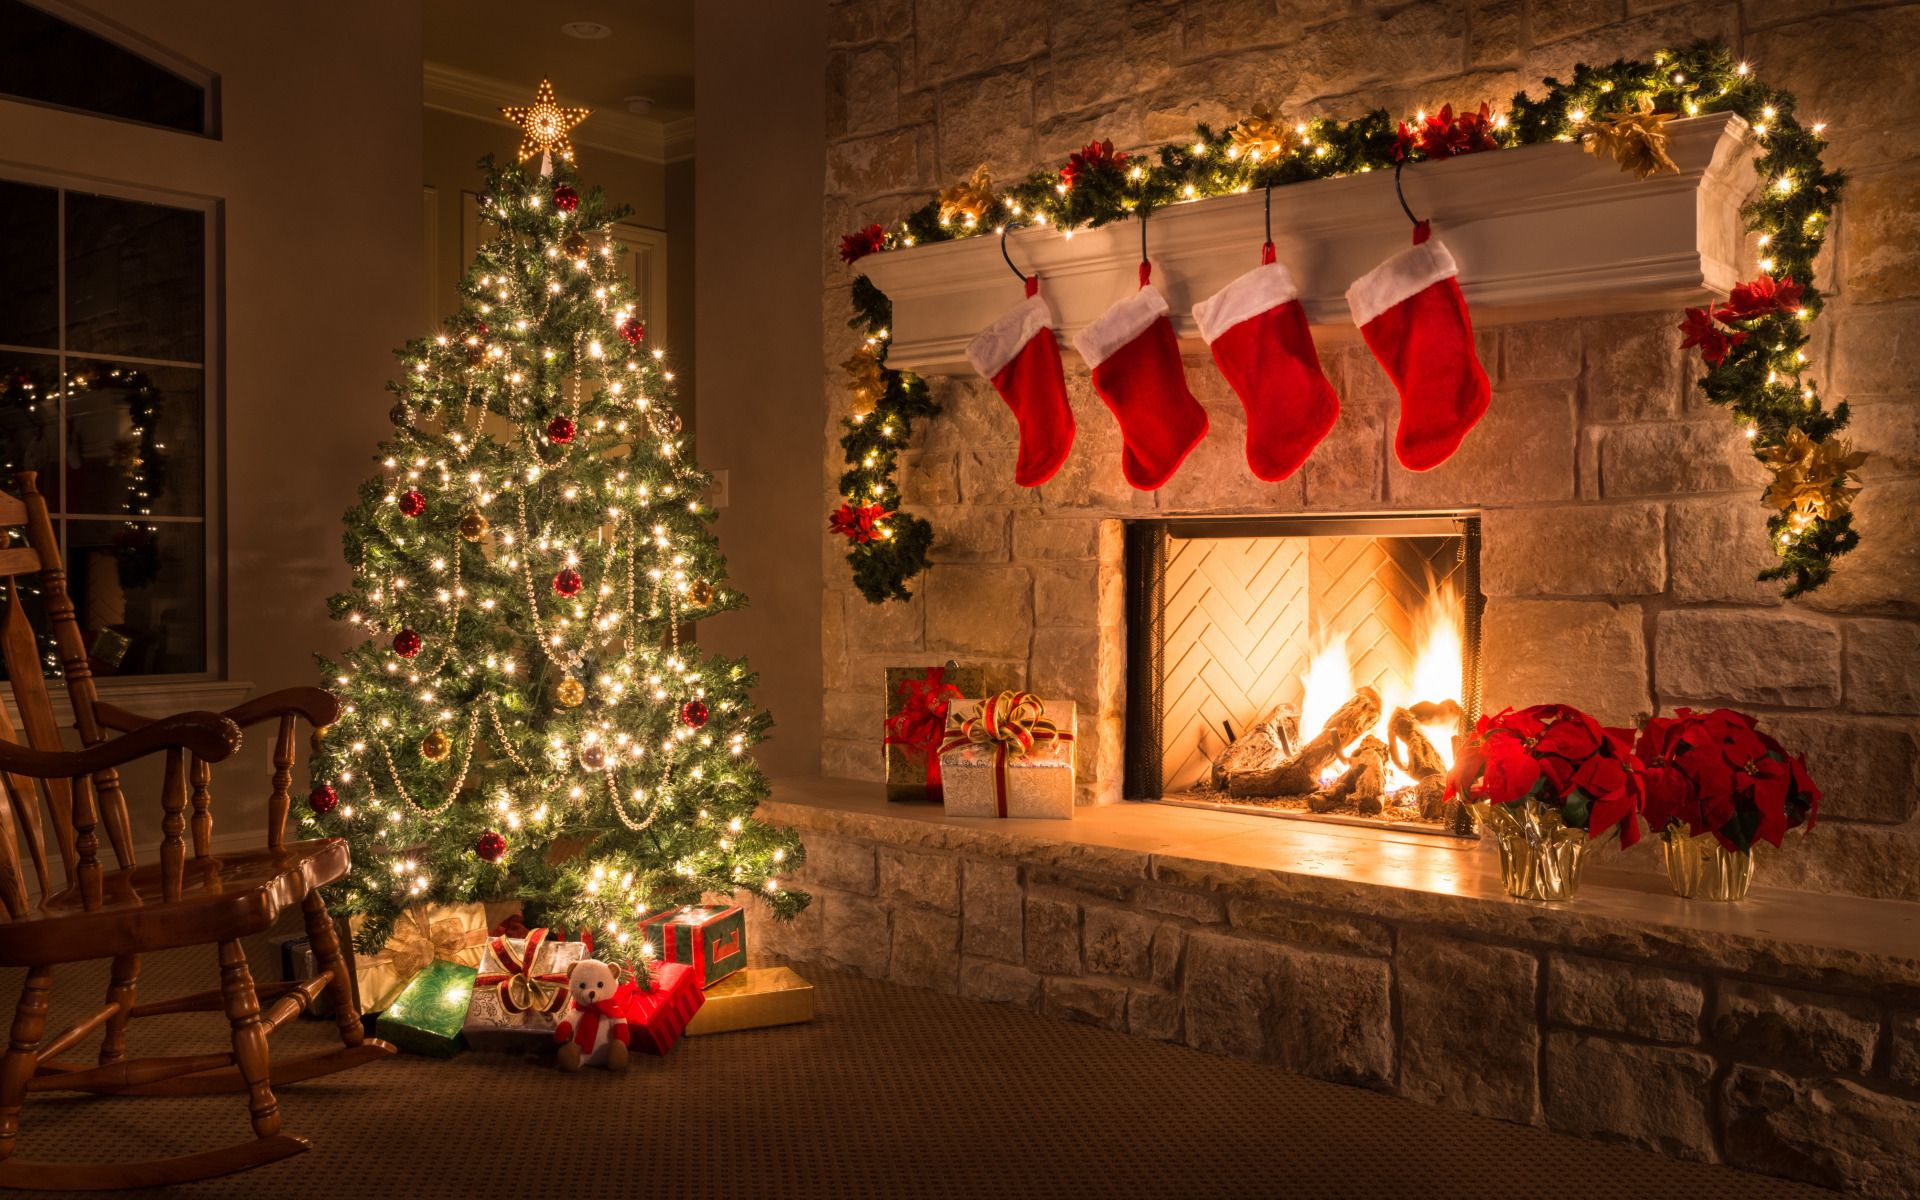 Вірші на Новий рік. Привітання з Новим роком в прозі